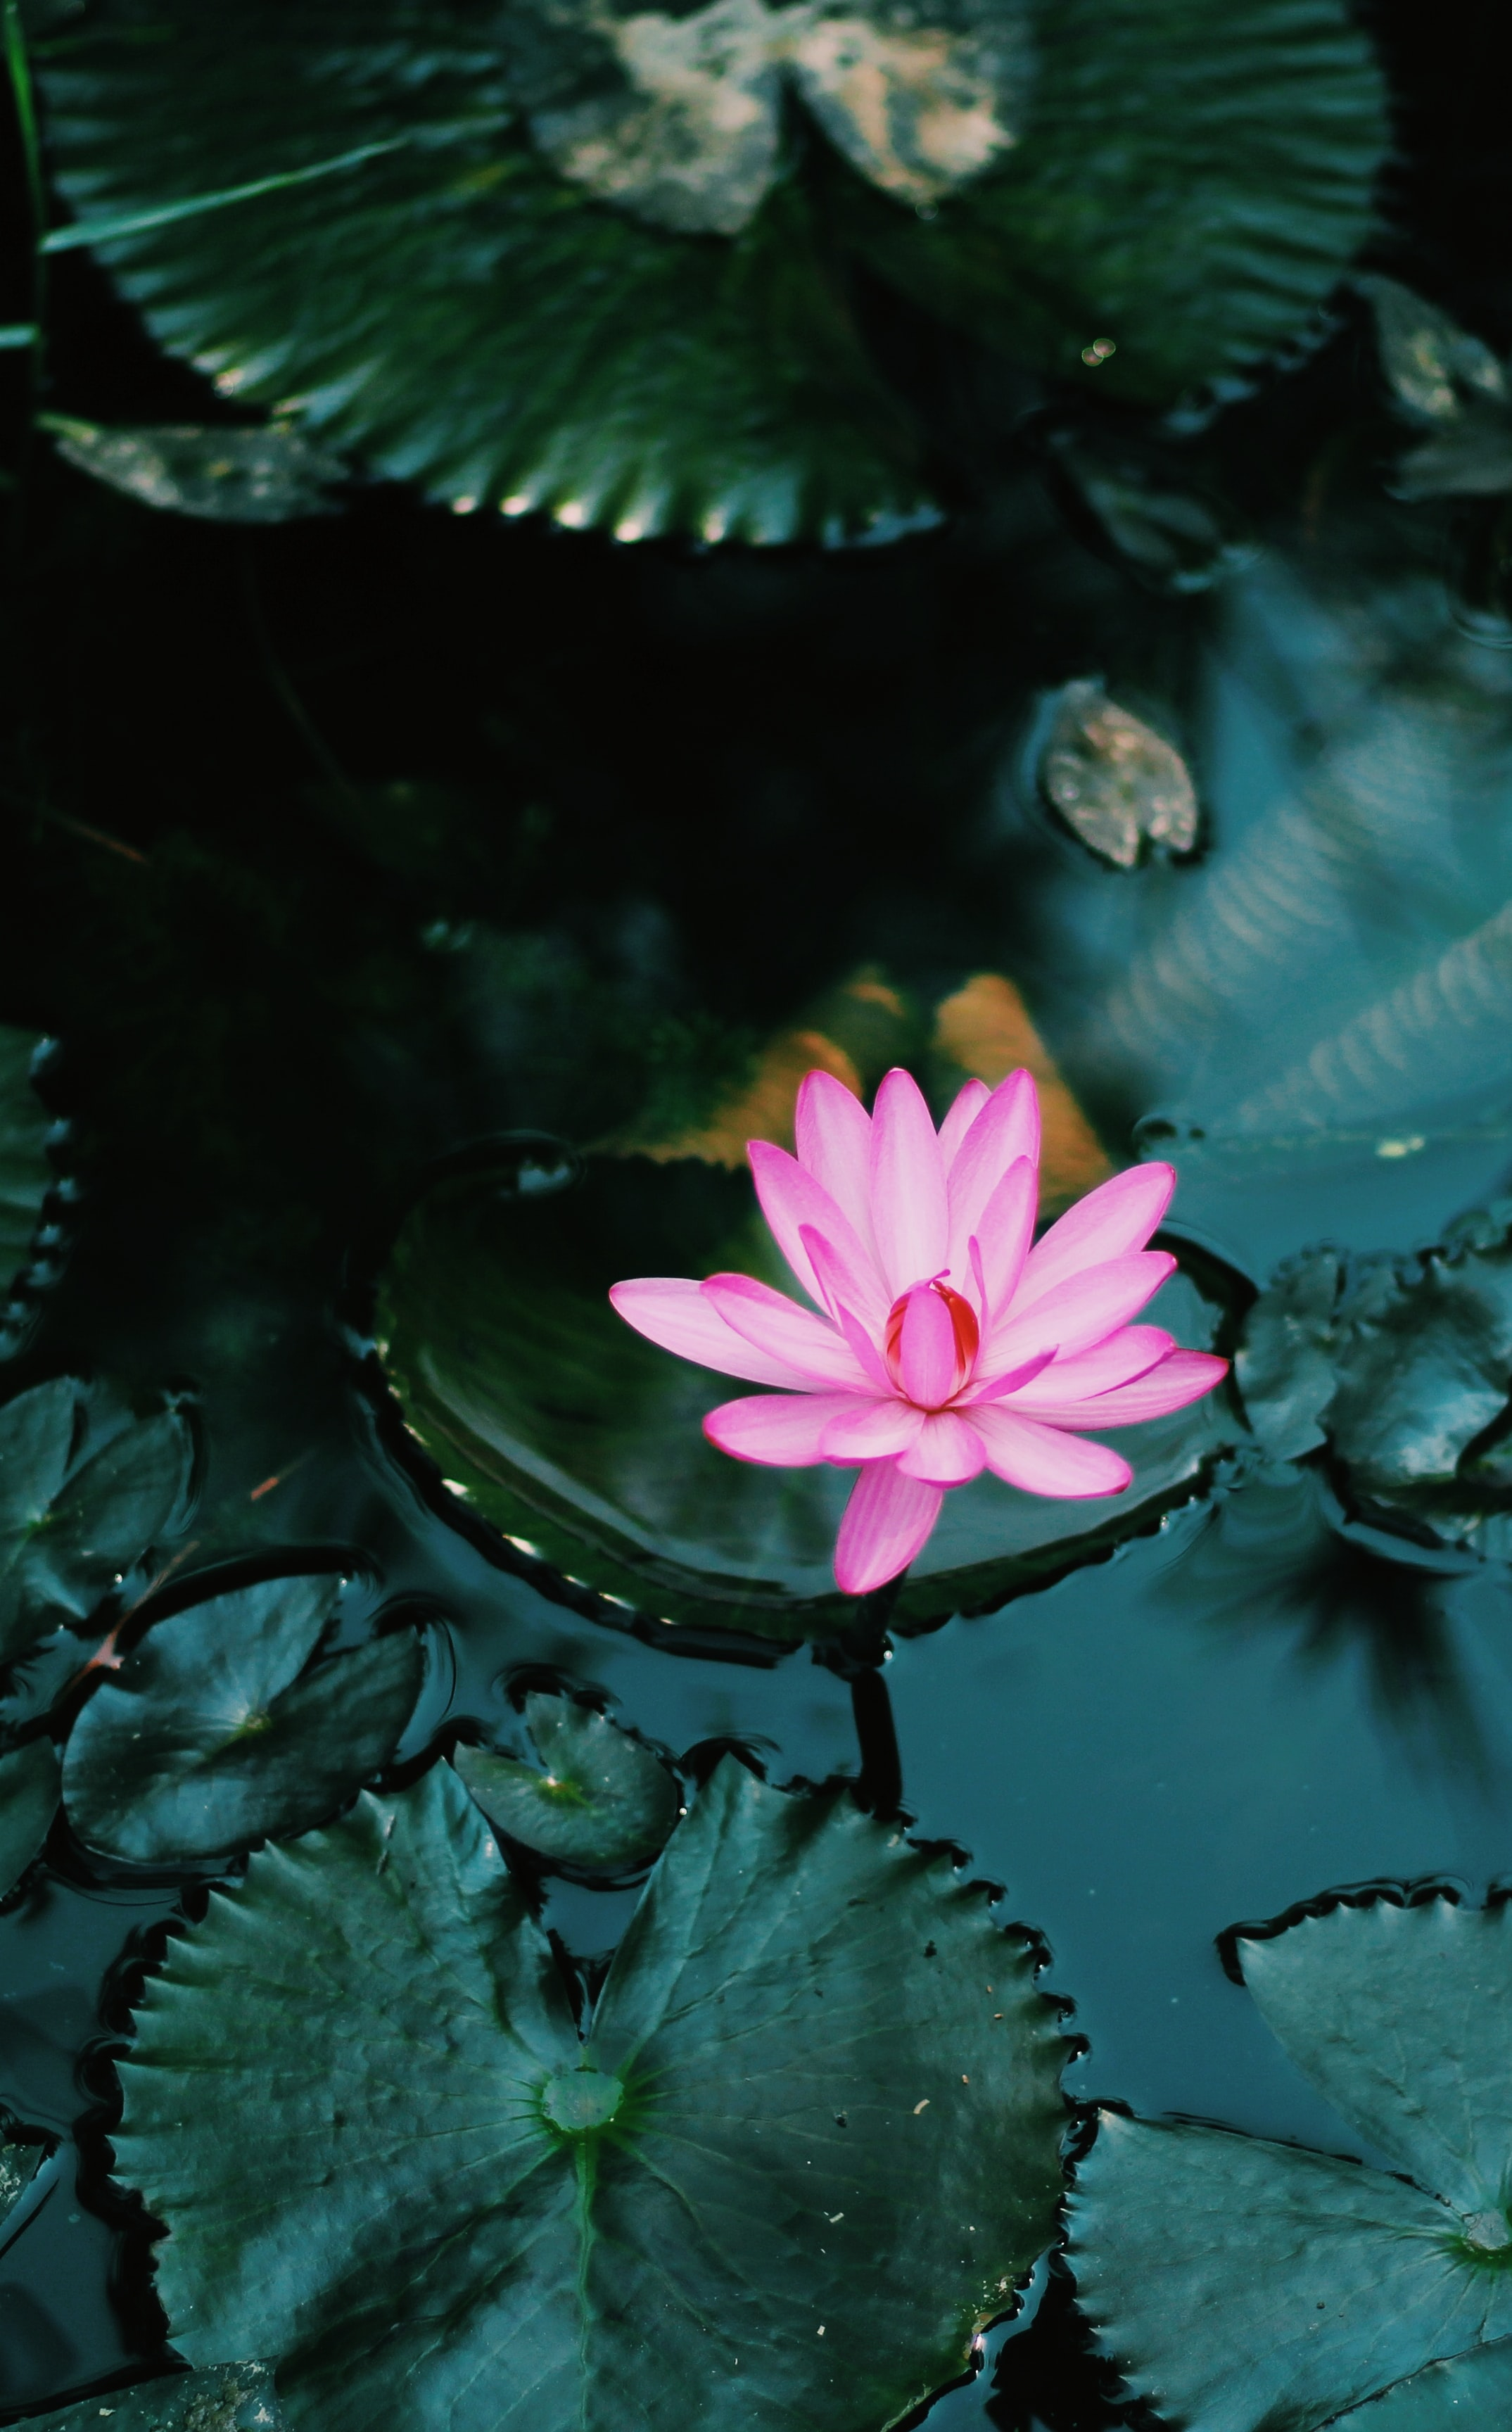 91464 Hintergrundbild herunterladen Blumen, Wasser, Rosa, Lotus, Blume, Pflanze - Bildschirmschoner und Bilder kostenlos